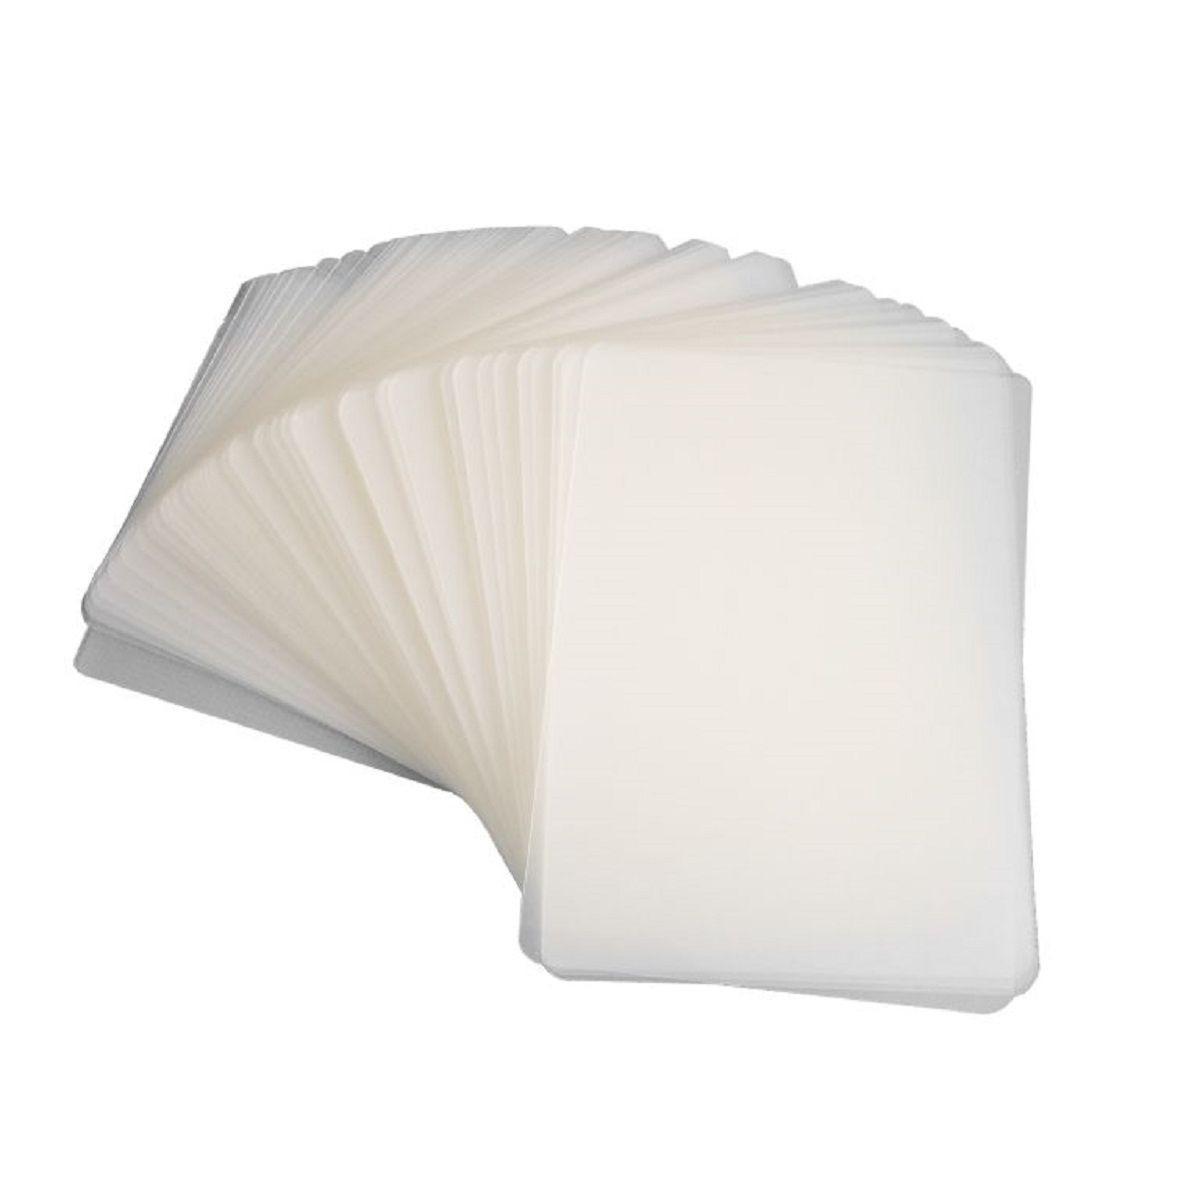 Kit 1000 Plásticos Polaseal para Plastificação Crachá 54x86x0,05mm (125 micras)  - Click Suprimentos